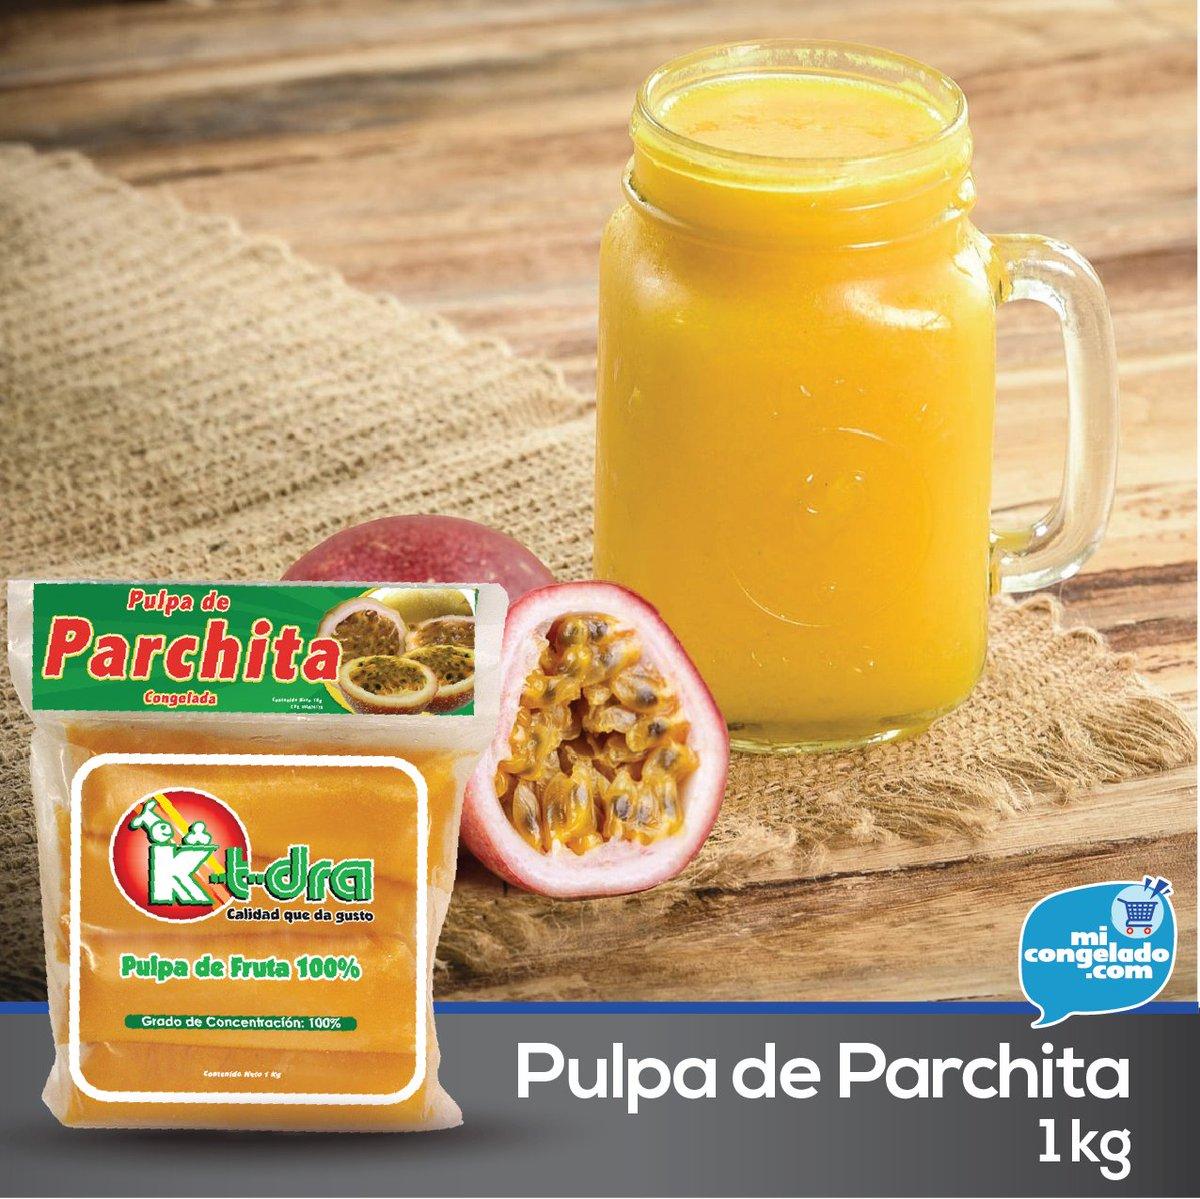 Pulpa de Parchita 100% natural - 1 kg  Disponible Pedidos vía WhatsApp —— #Ktdra #PulpadeFruta #Parchita #Congelada #Micongelado #Delivery #Caracas https://t.co/sLBiVj6K9Q